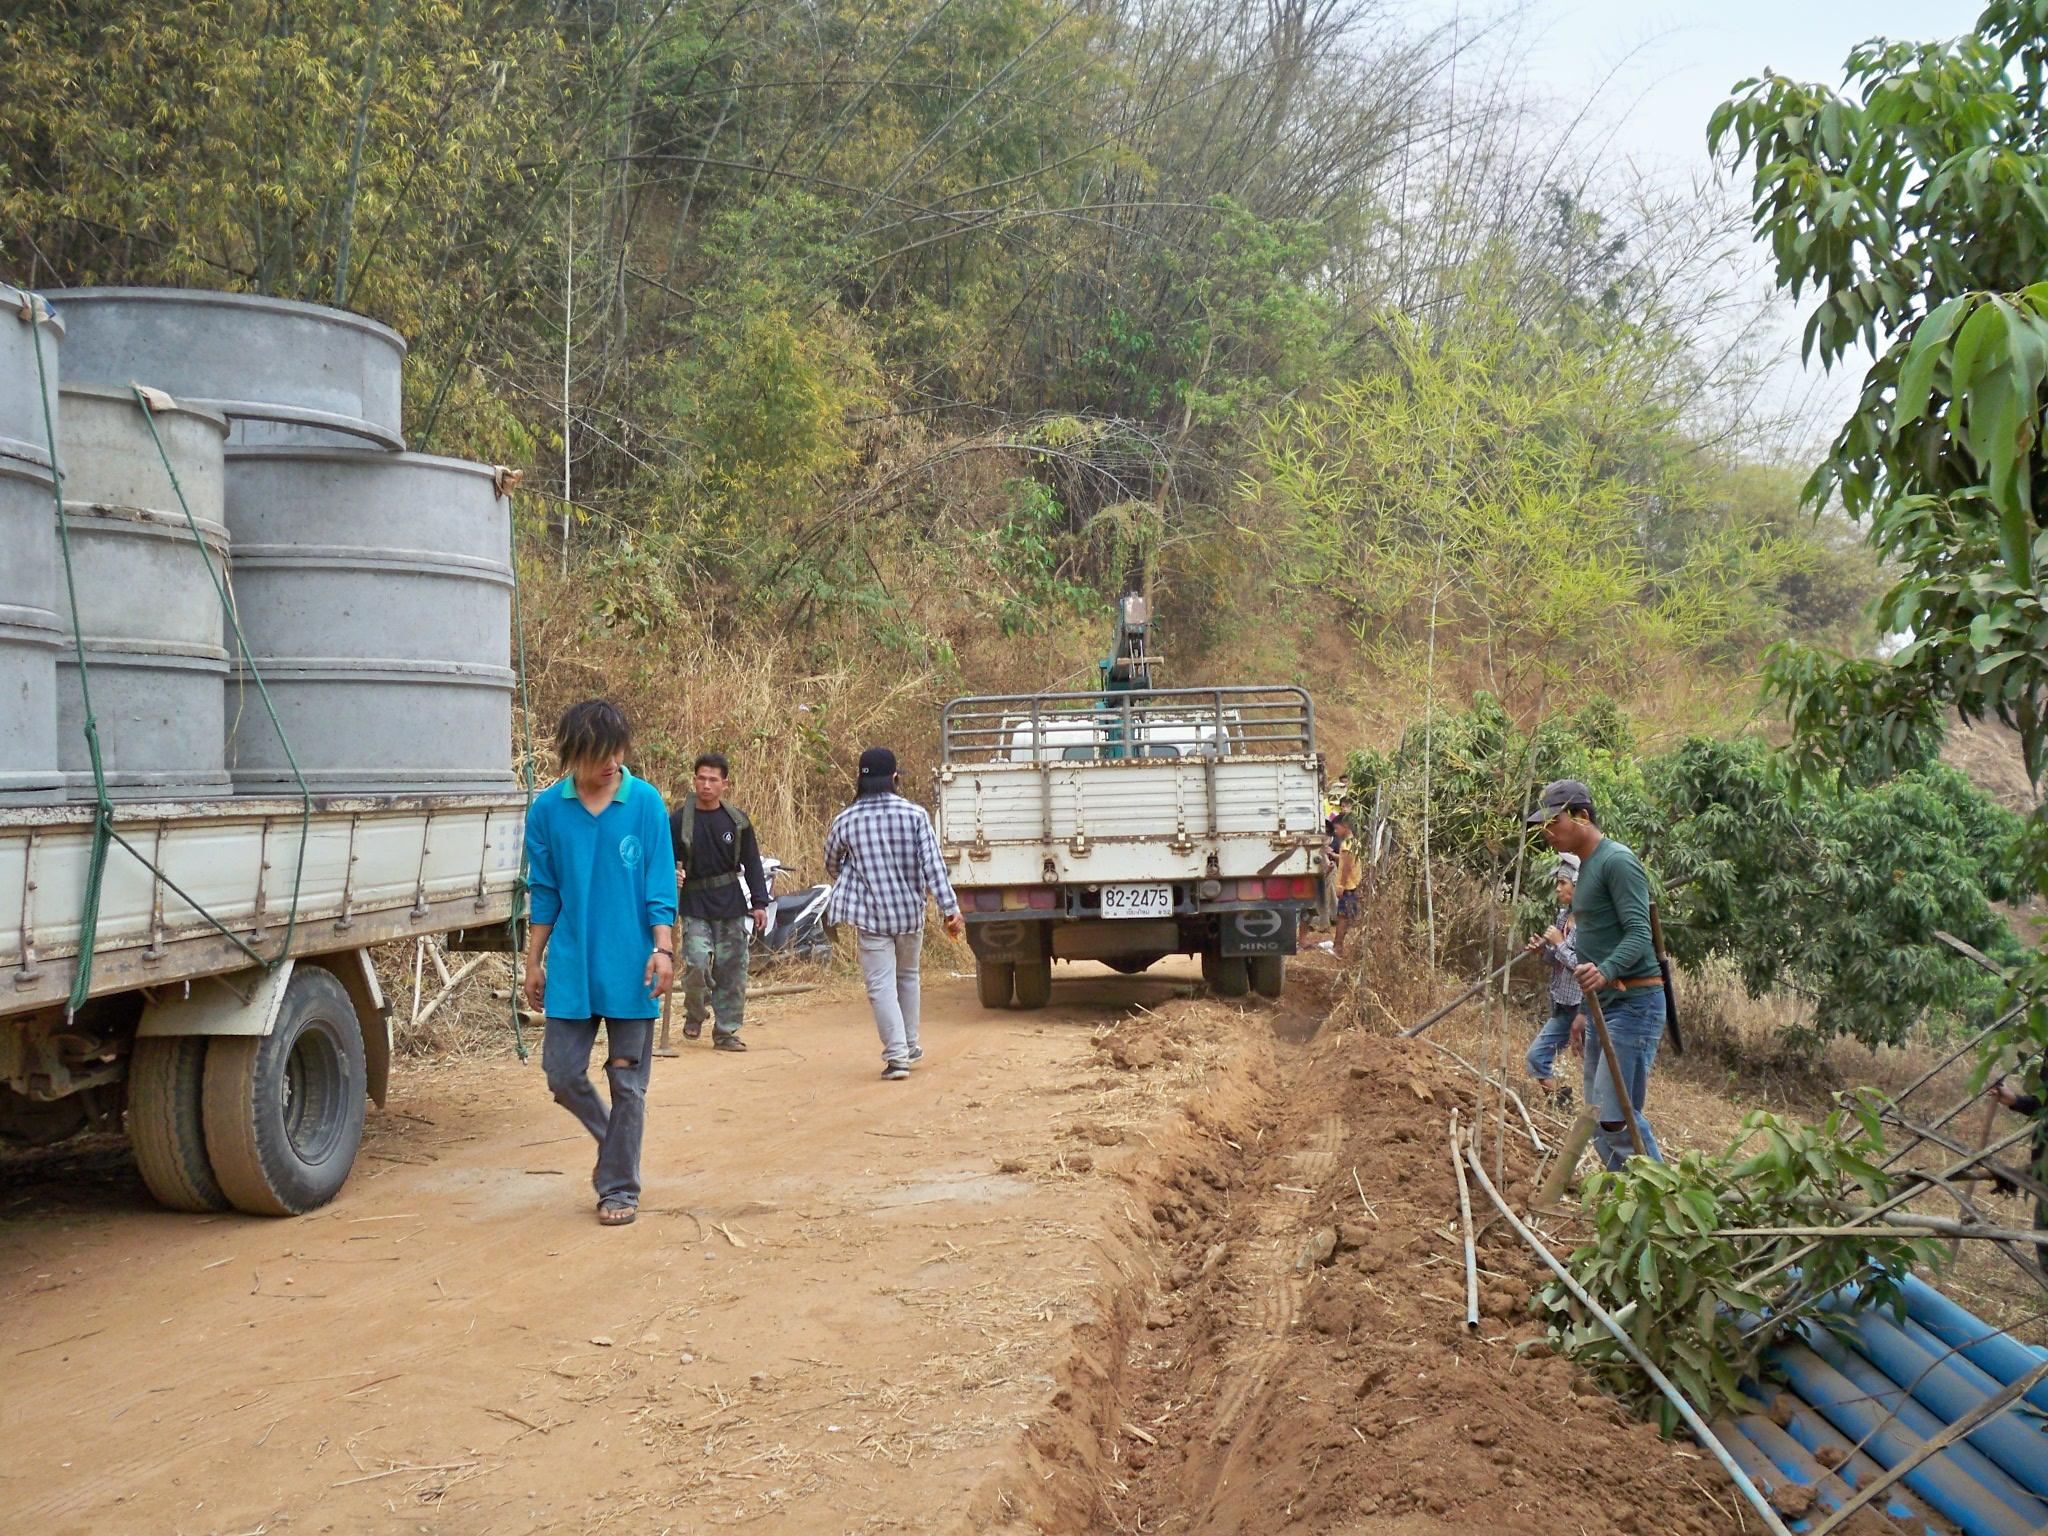 ร้านขายท่อในท้องถิ่นมาส่งวงท่อซีเมนต์ที่บริเวณก่อสร้าง